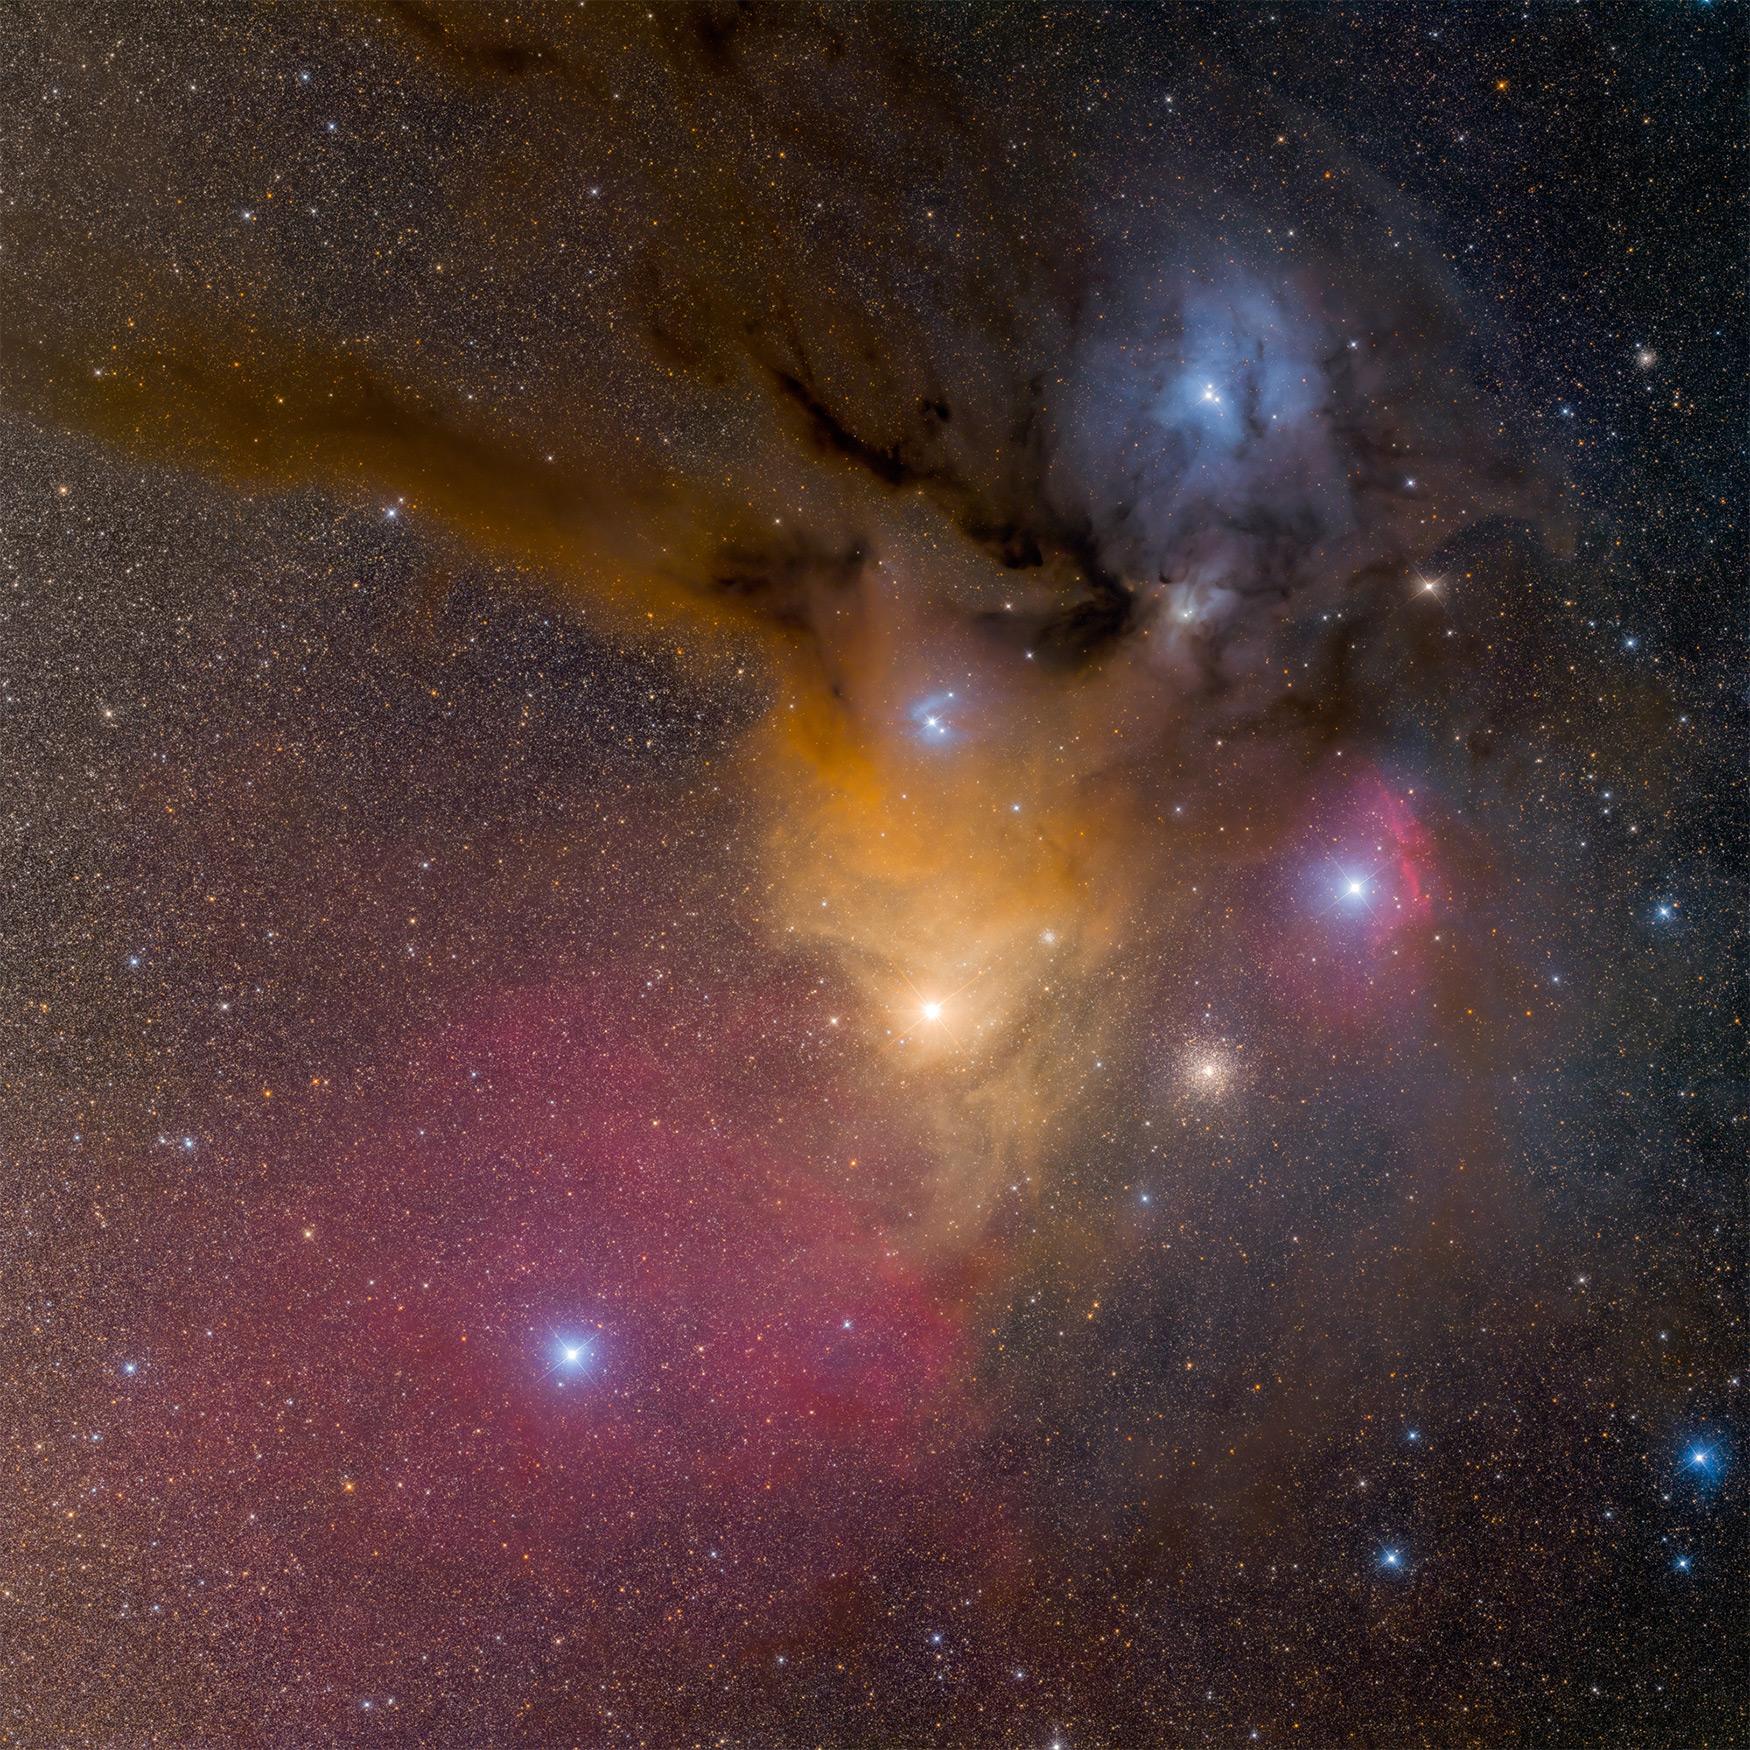 Kompleks mgławic w Skorpionie. Jeden z najbarwniejszych i najbardziej zróżnicowanych fragmentów nocnego nieba. Zdjęcie z Namibii, 6 godzin naświetlania. Fot. Bartosz Wojczyński